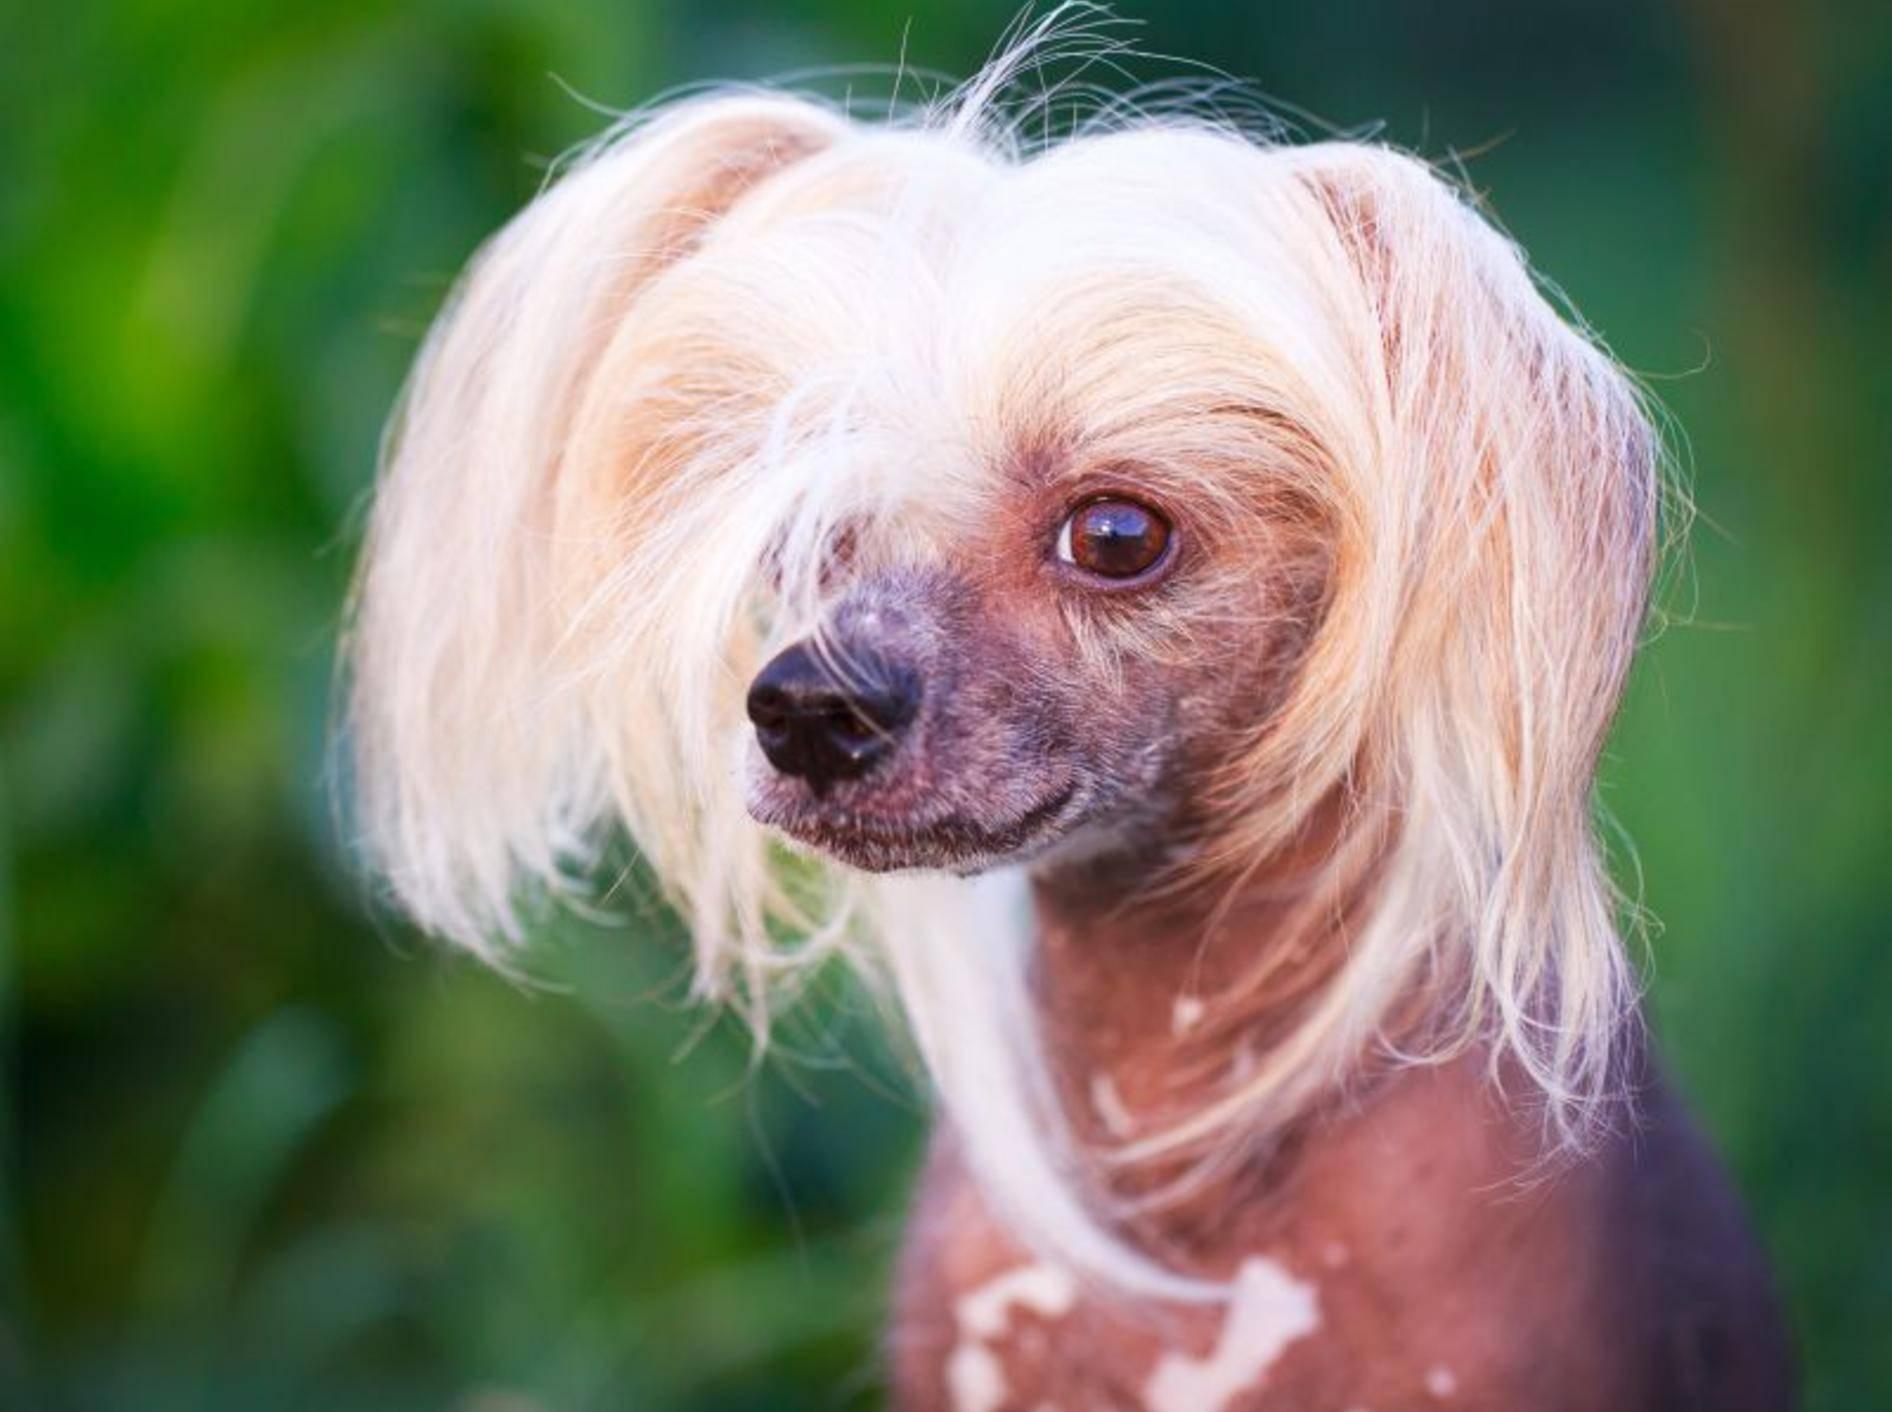 Ein gutmütiger und anhänglicher Hund: Der Chinesische Schopfhund – Bild: Shutterstock / DragoNika